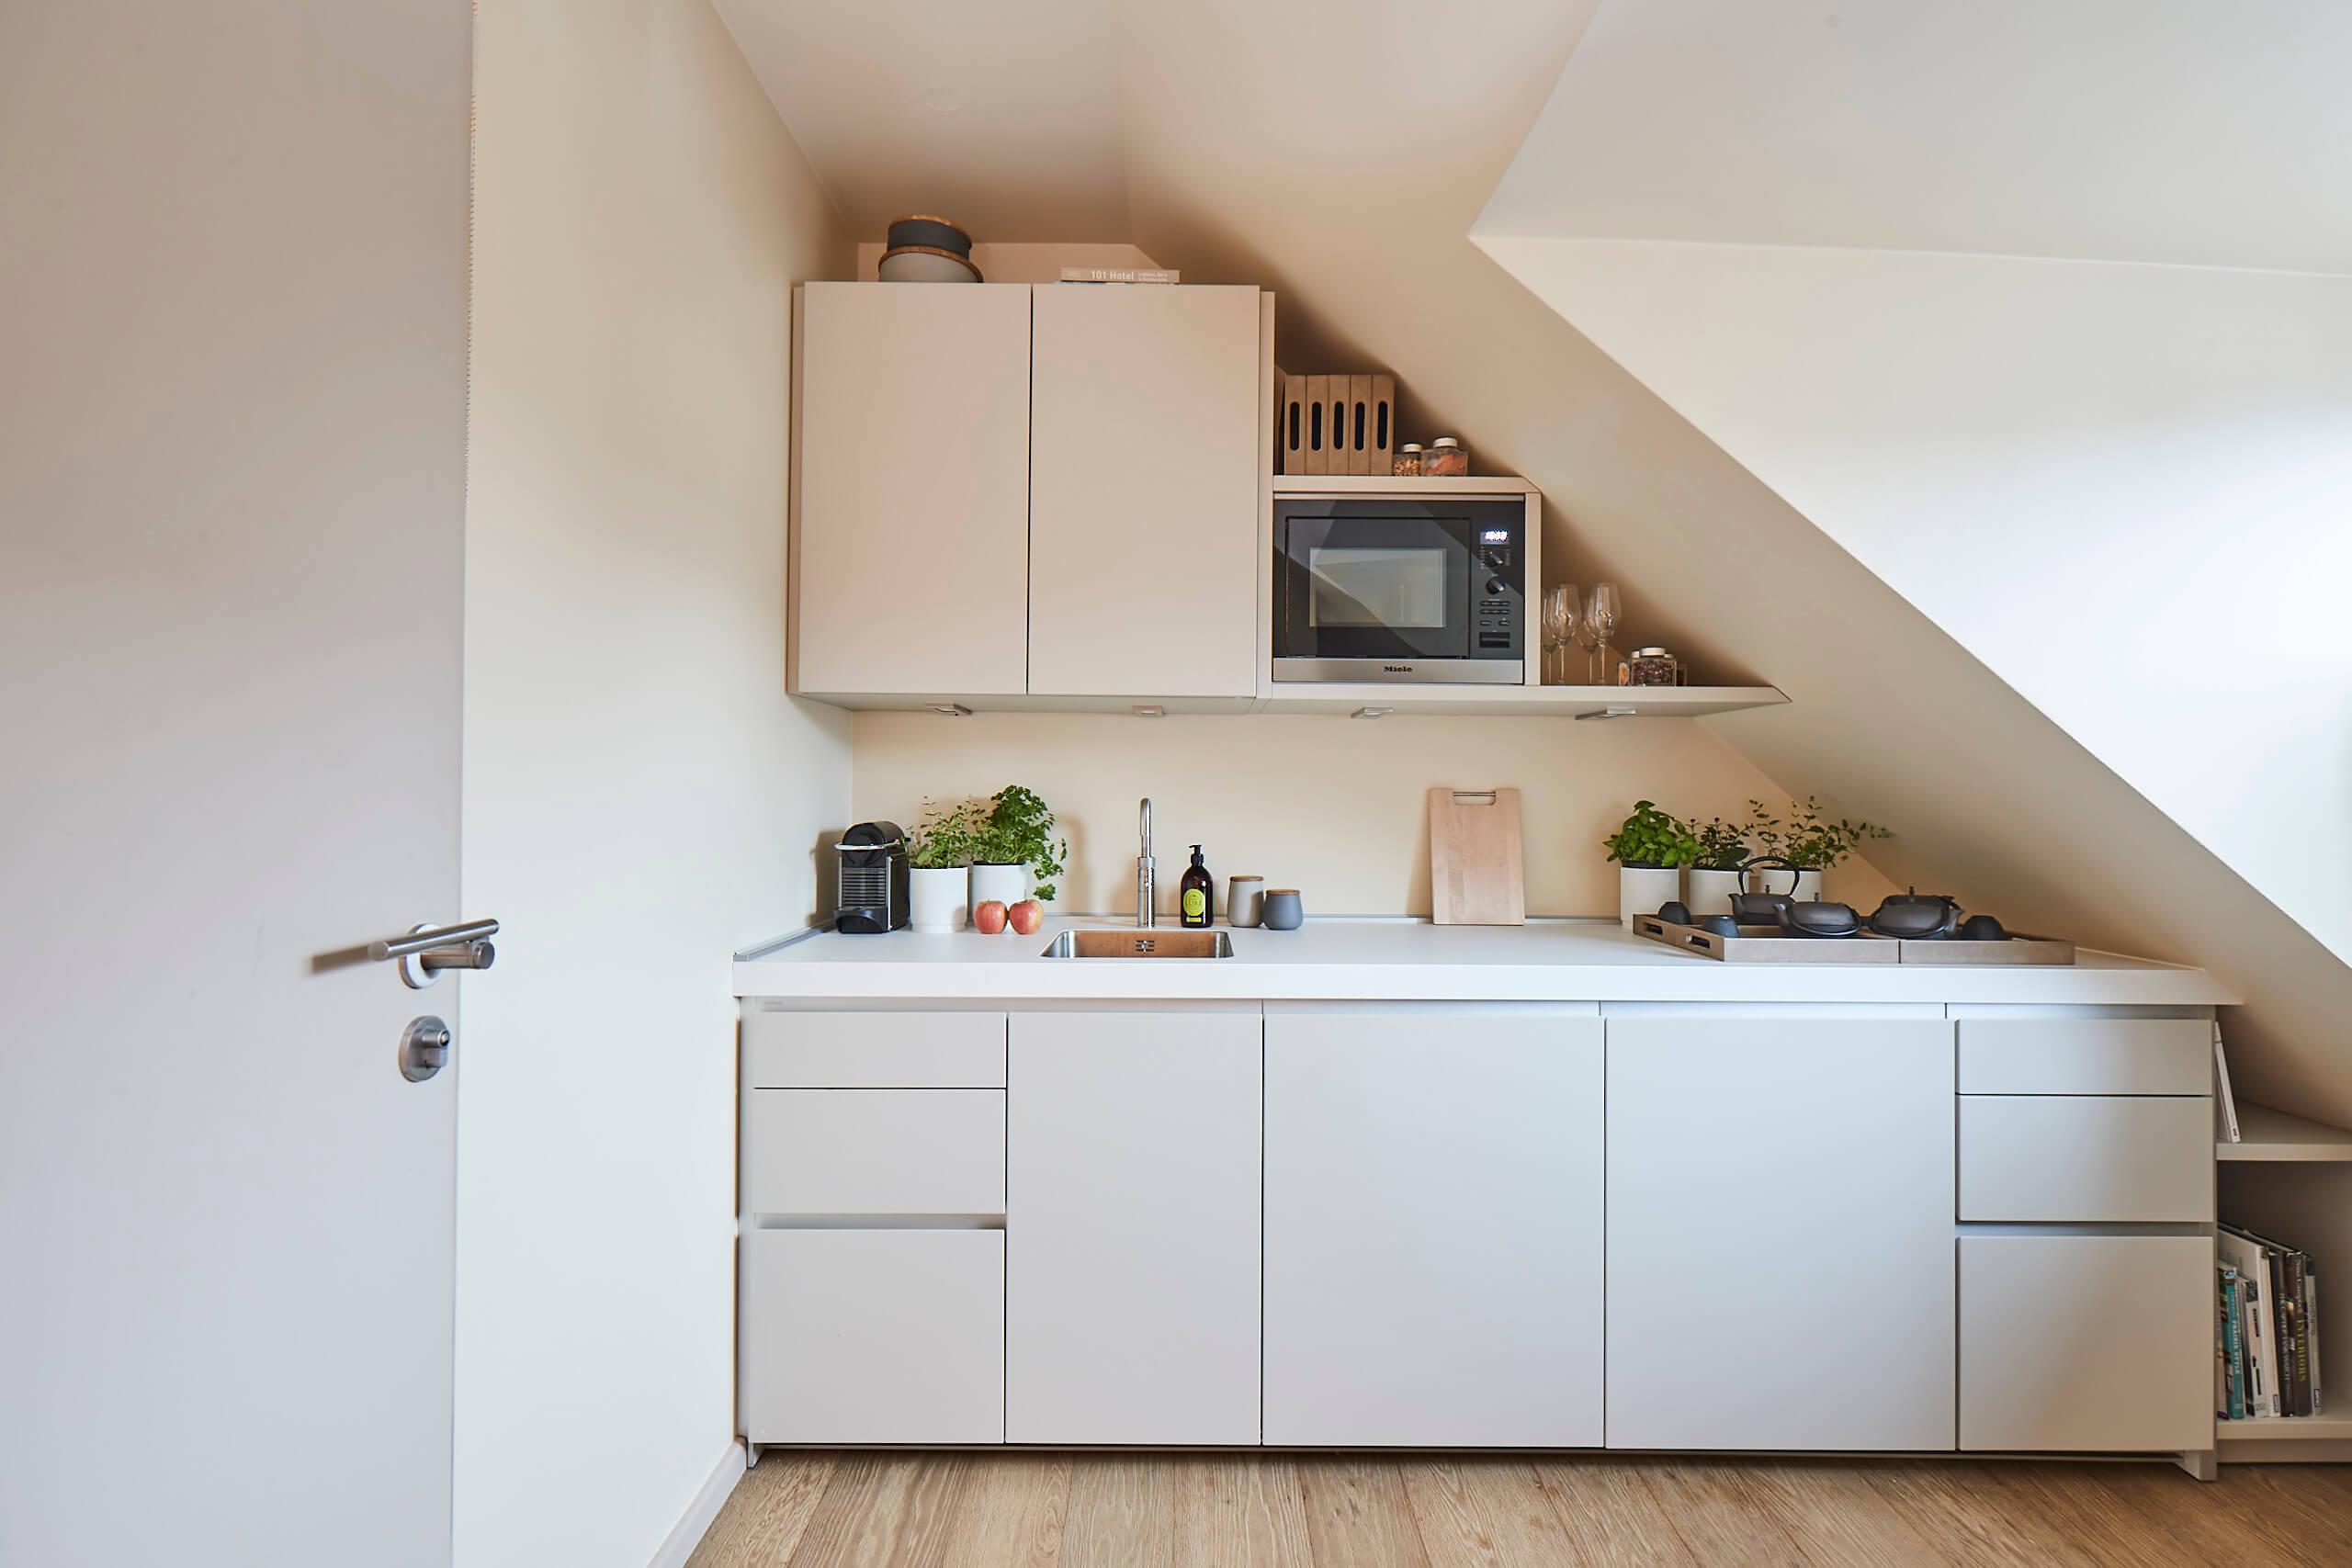 Full Size of 4 Jahreszeiten Pantry B1 Kah Kchen Atelier Hamburg Musterküche Wohnzimmer Bulthaup Musterküche